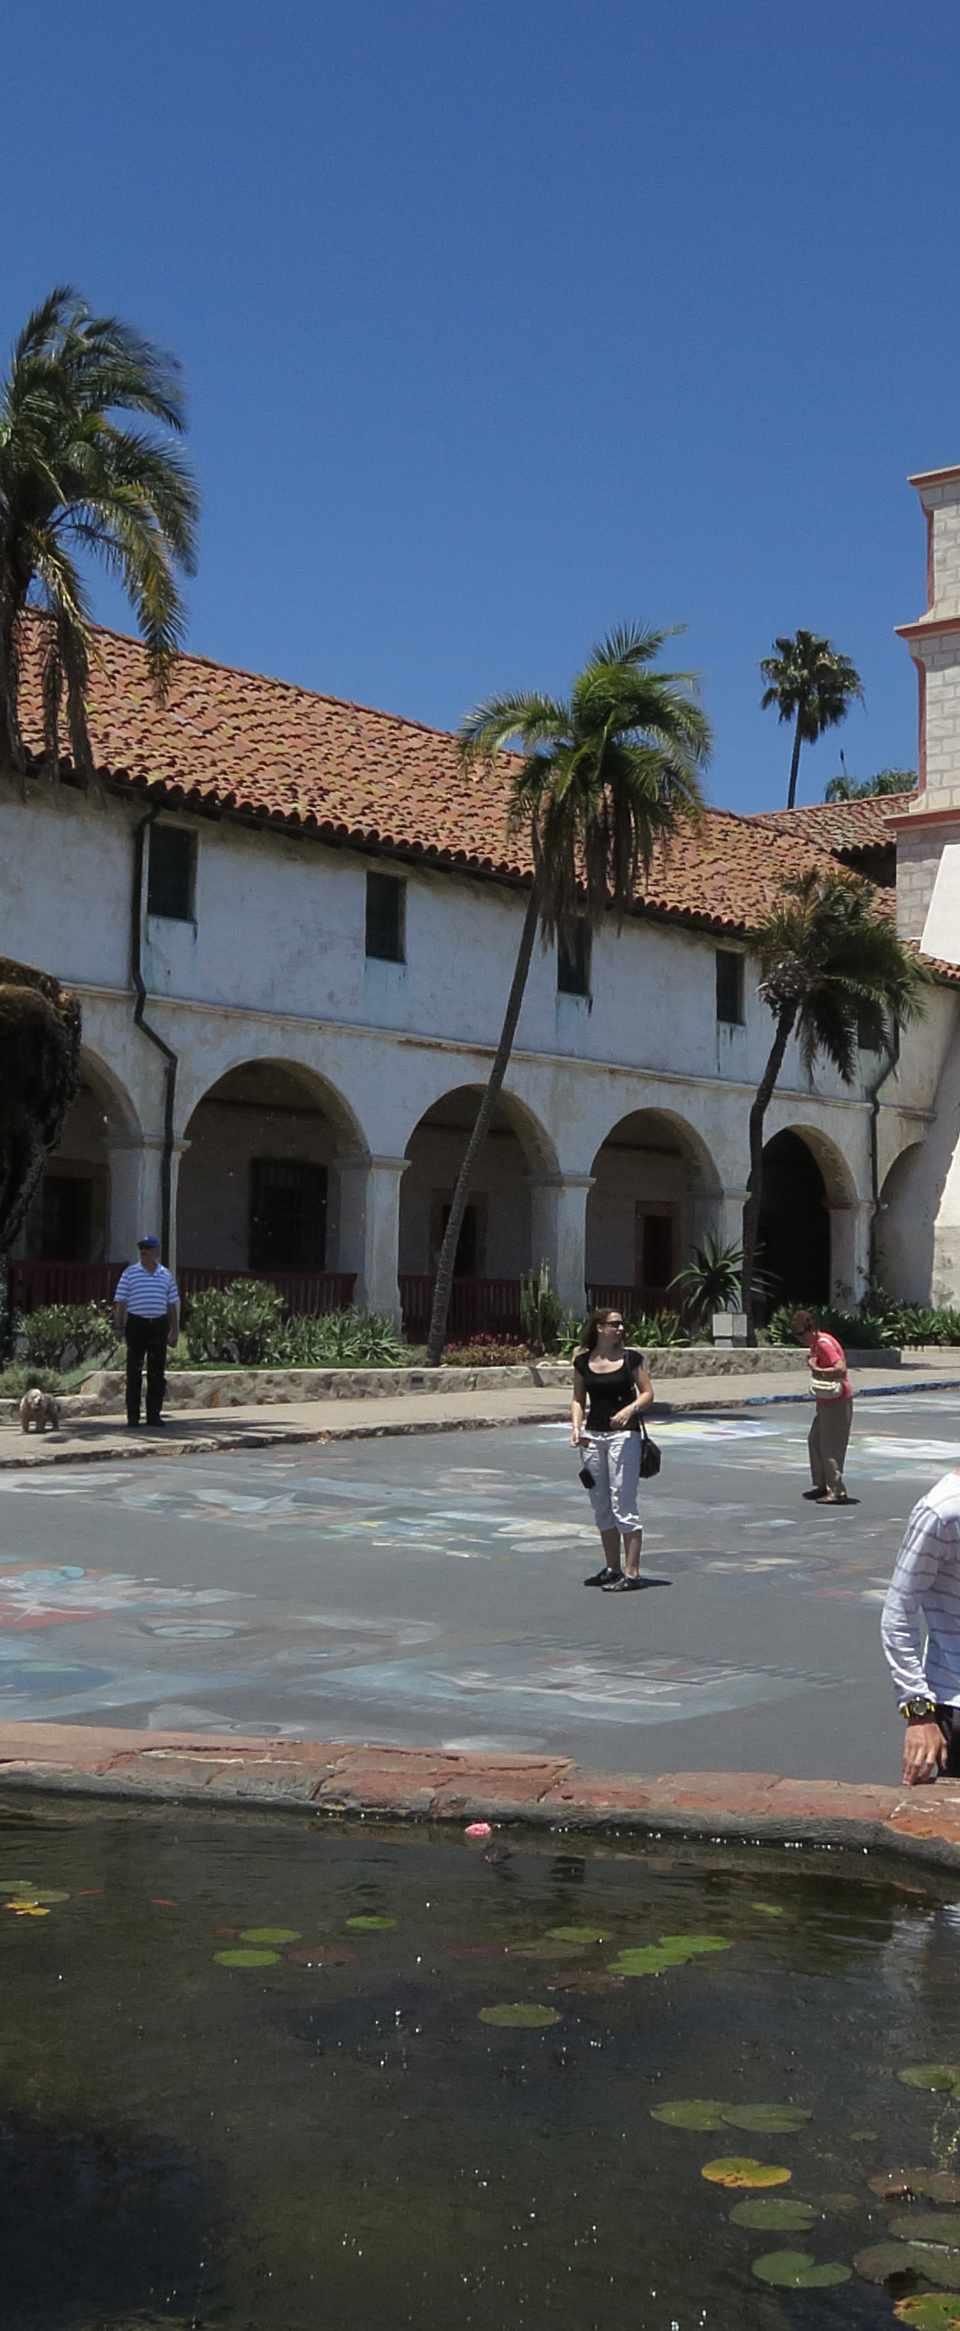 Old Spanish Mission in Santa Barbara